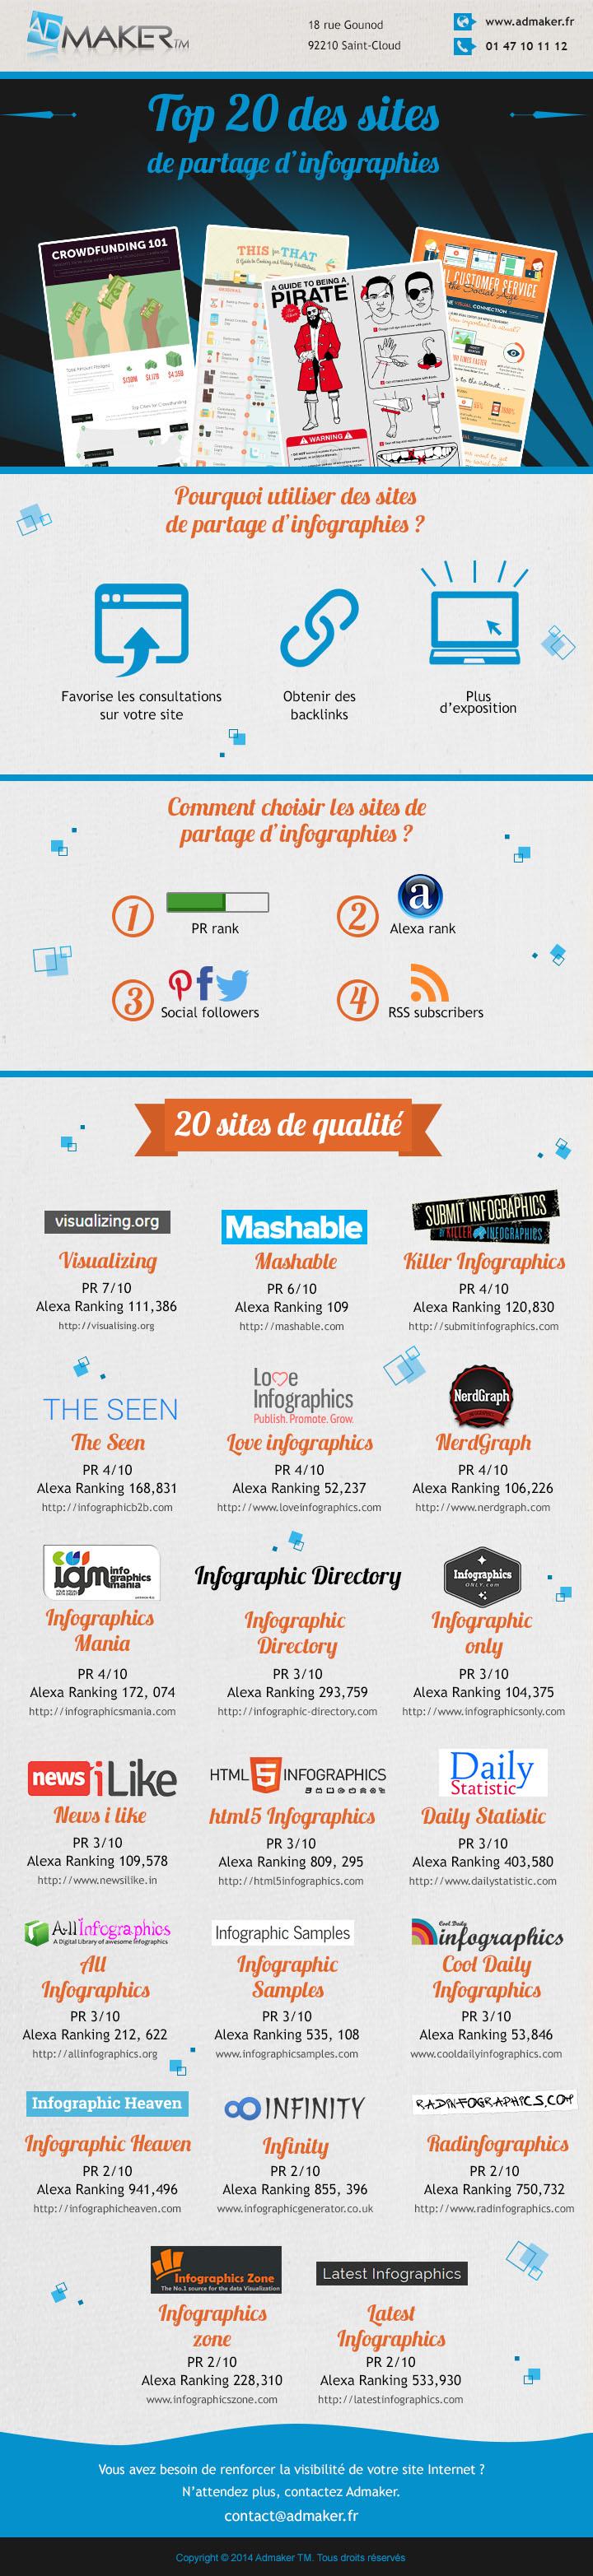 Top 20 des sites de partage de contenu sous forme d'infographie